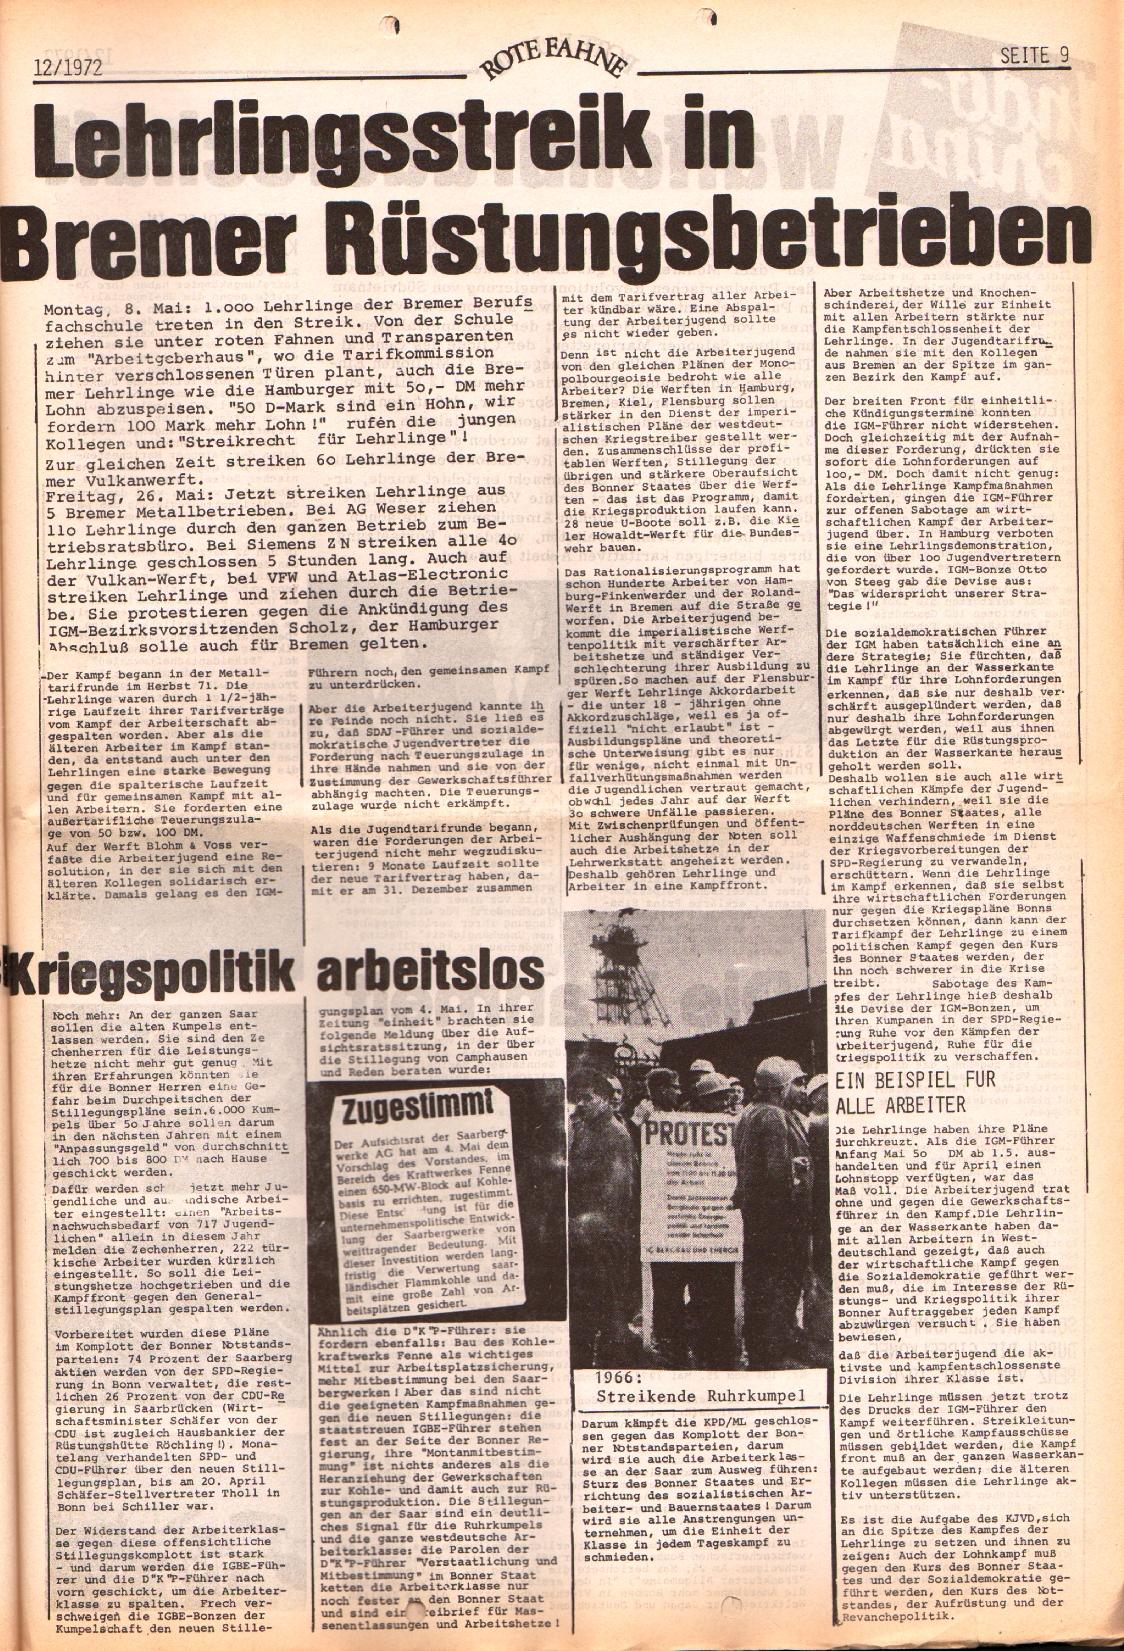 Rote Fahne, 3. Jg., 12.6.1972, Nr. 12, Seite 9